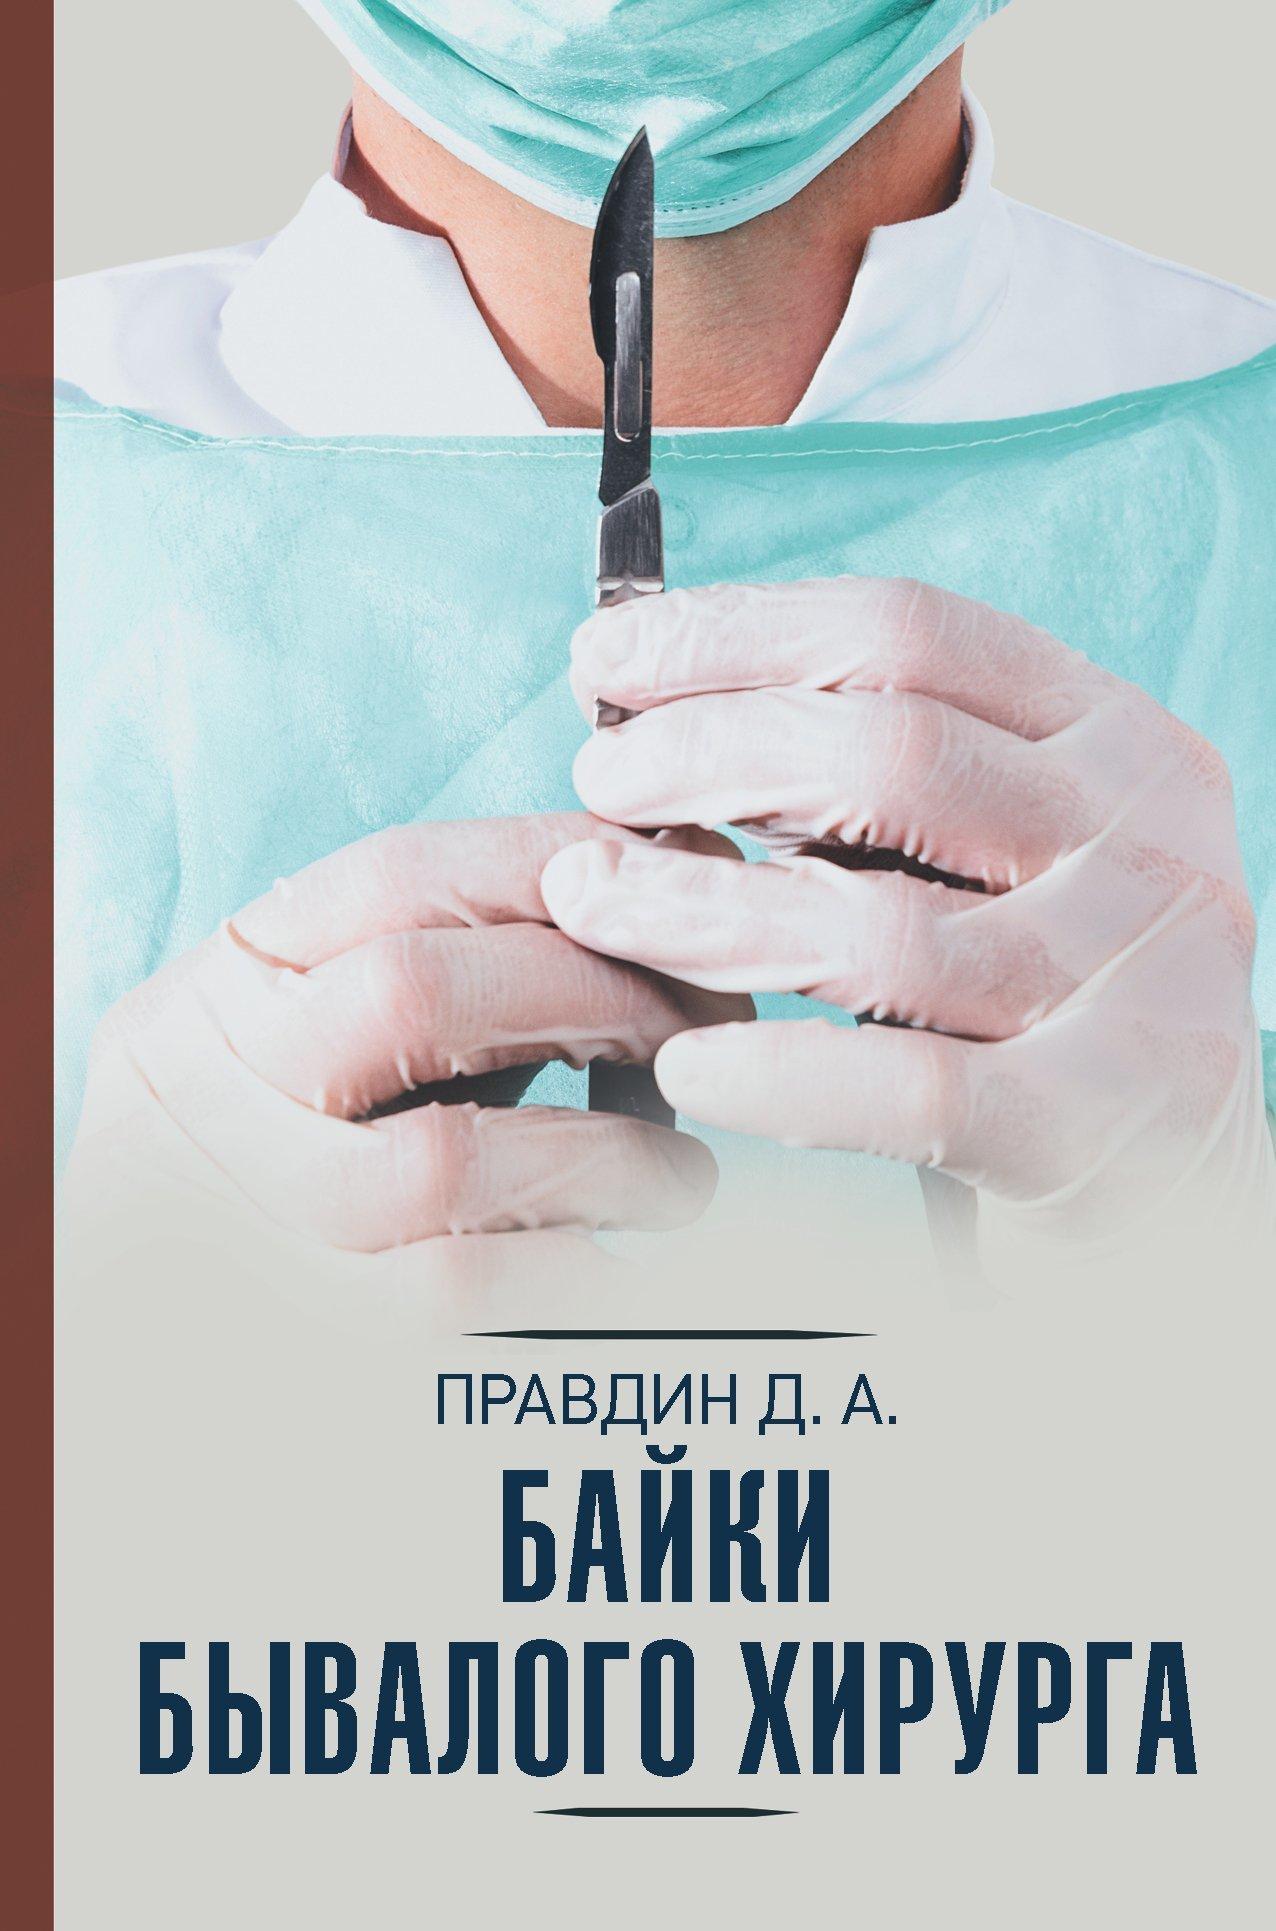 Скачать бесплатно Байки бывалого хирурга